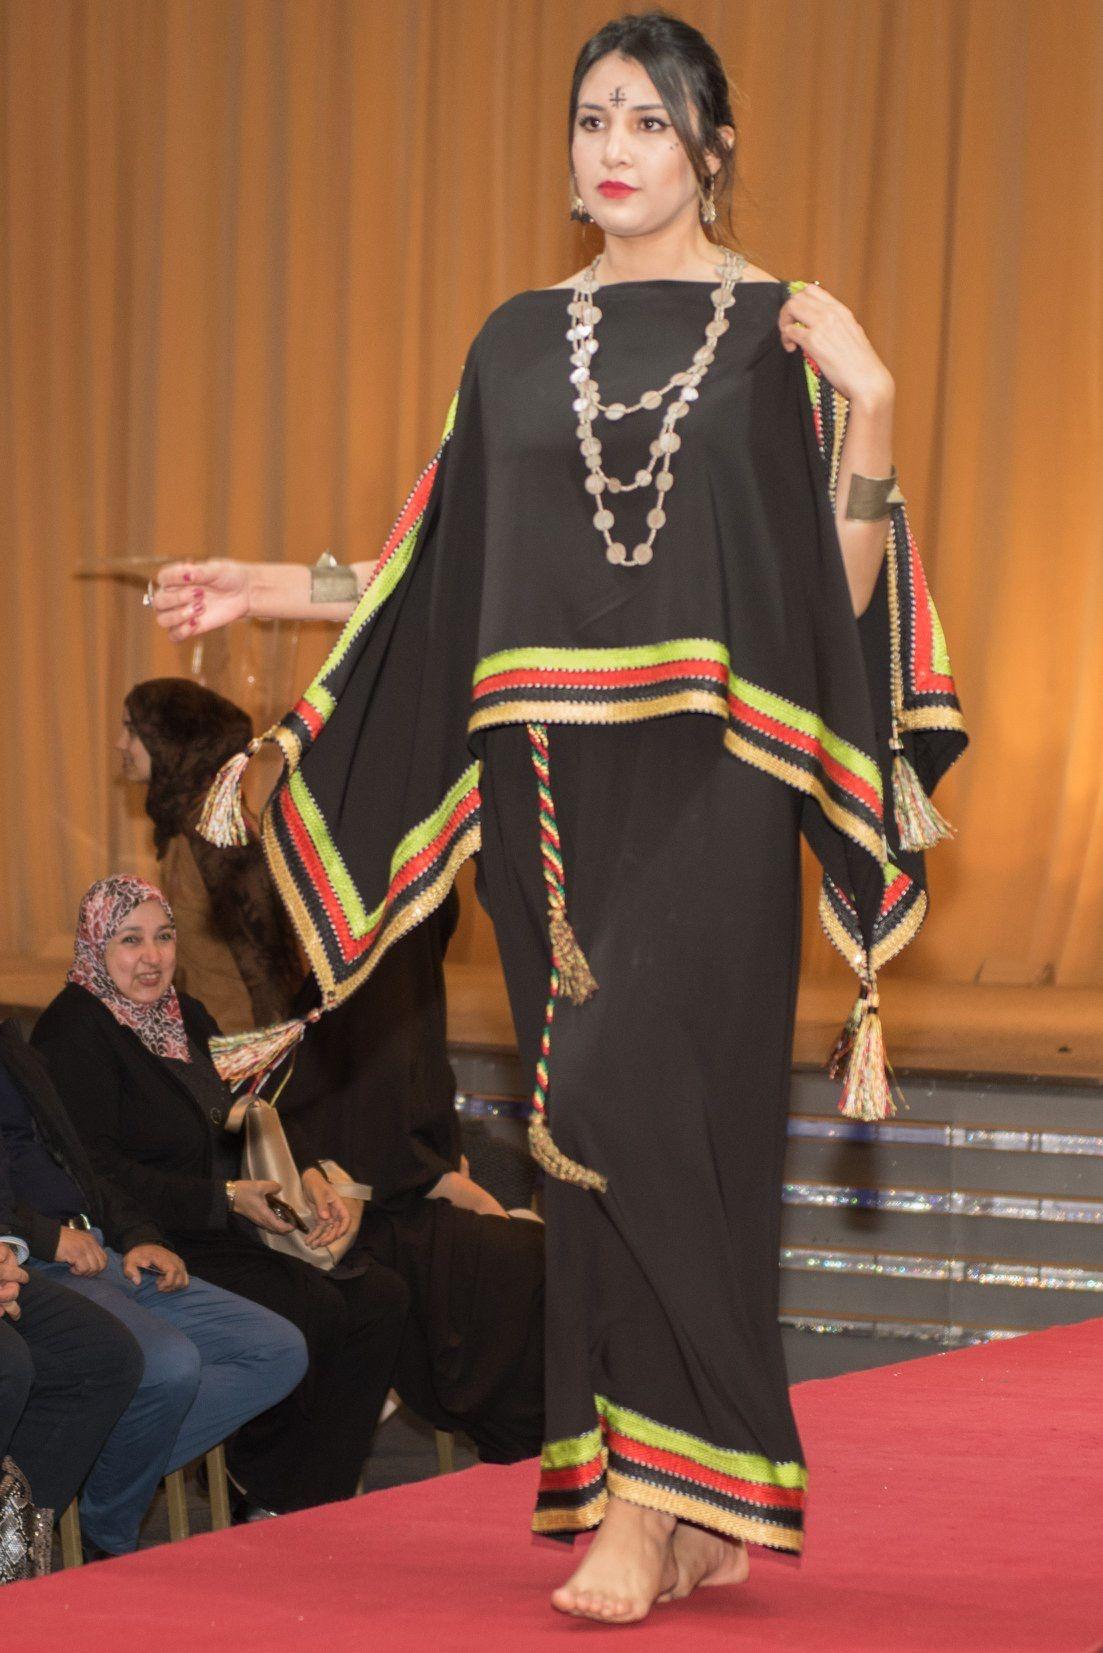 Robe chaoui ~Algérie~ | Robe chawi, Robe d'intérieur, Tenue chawi